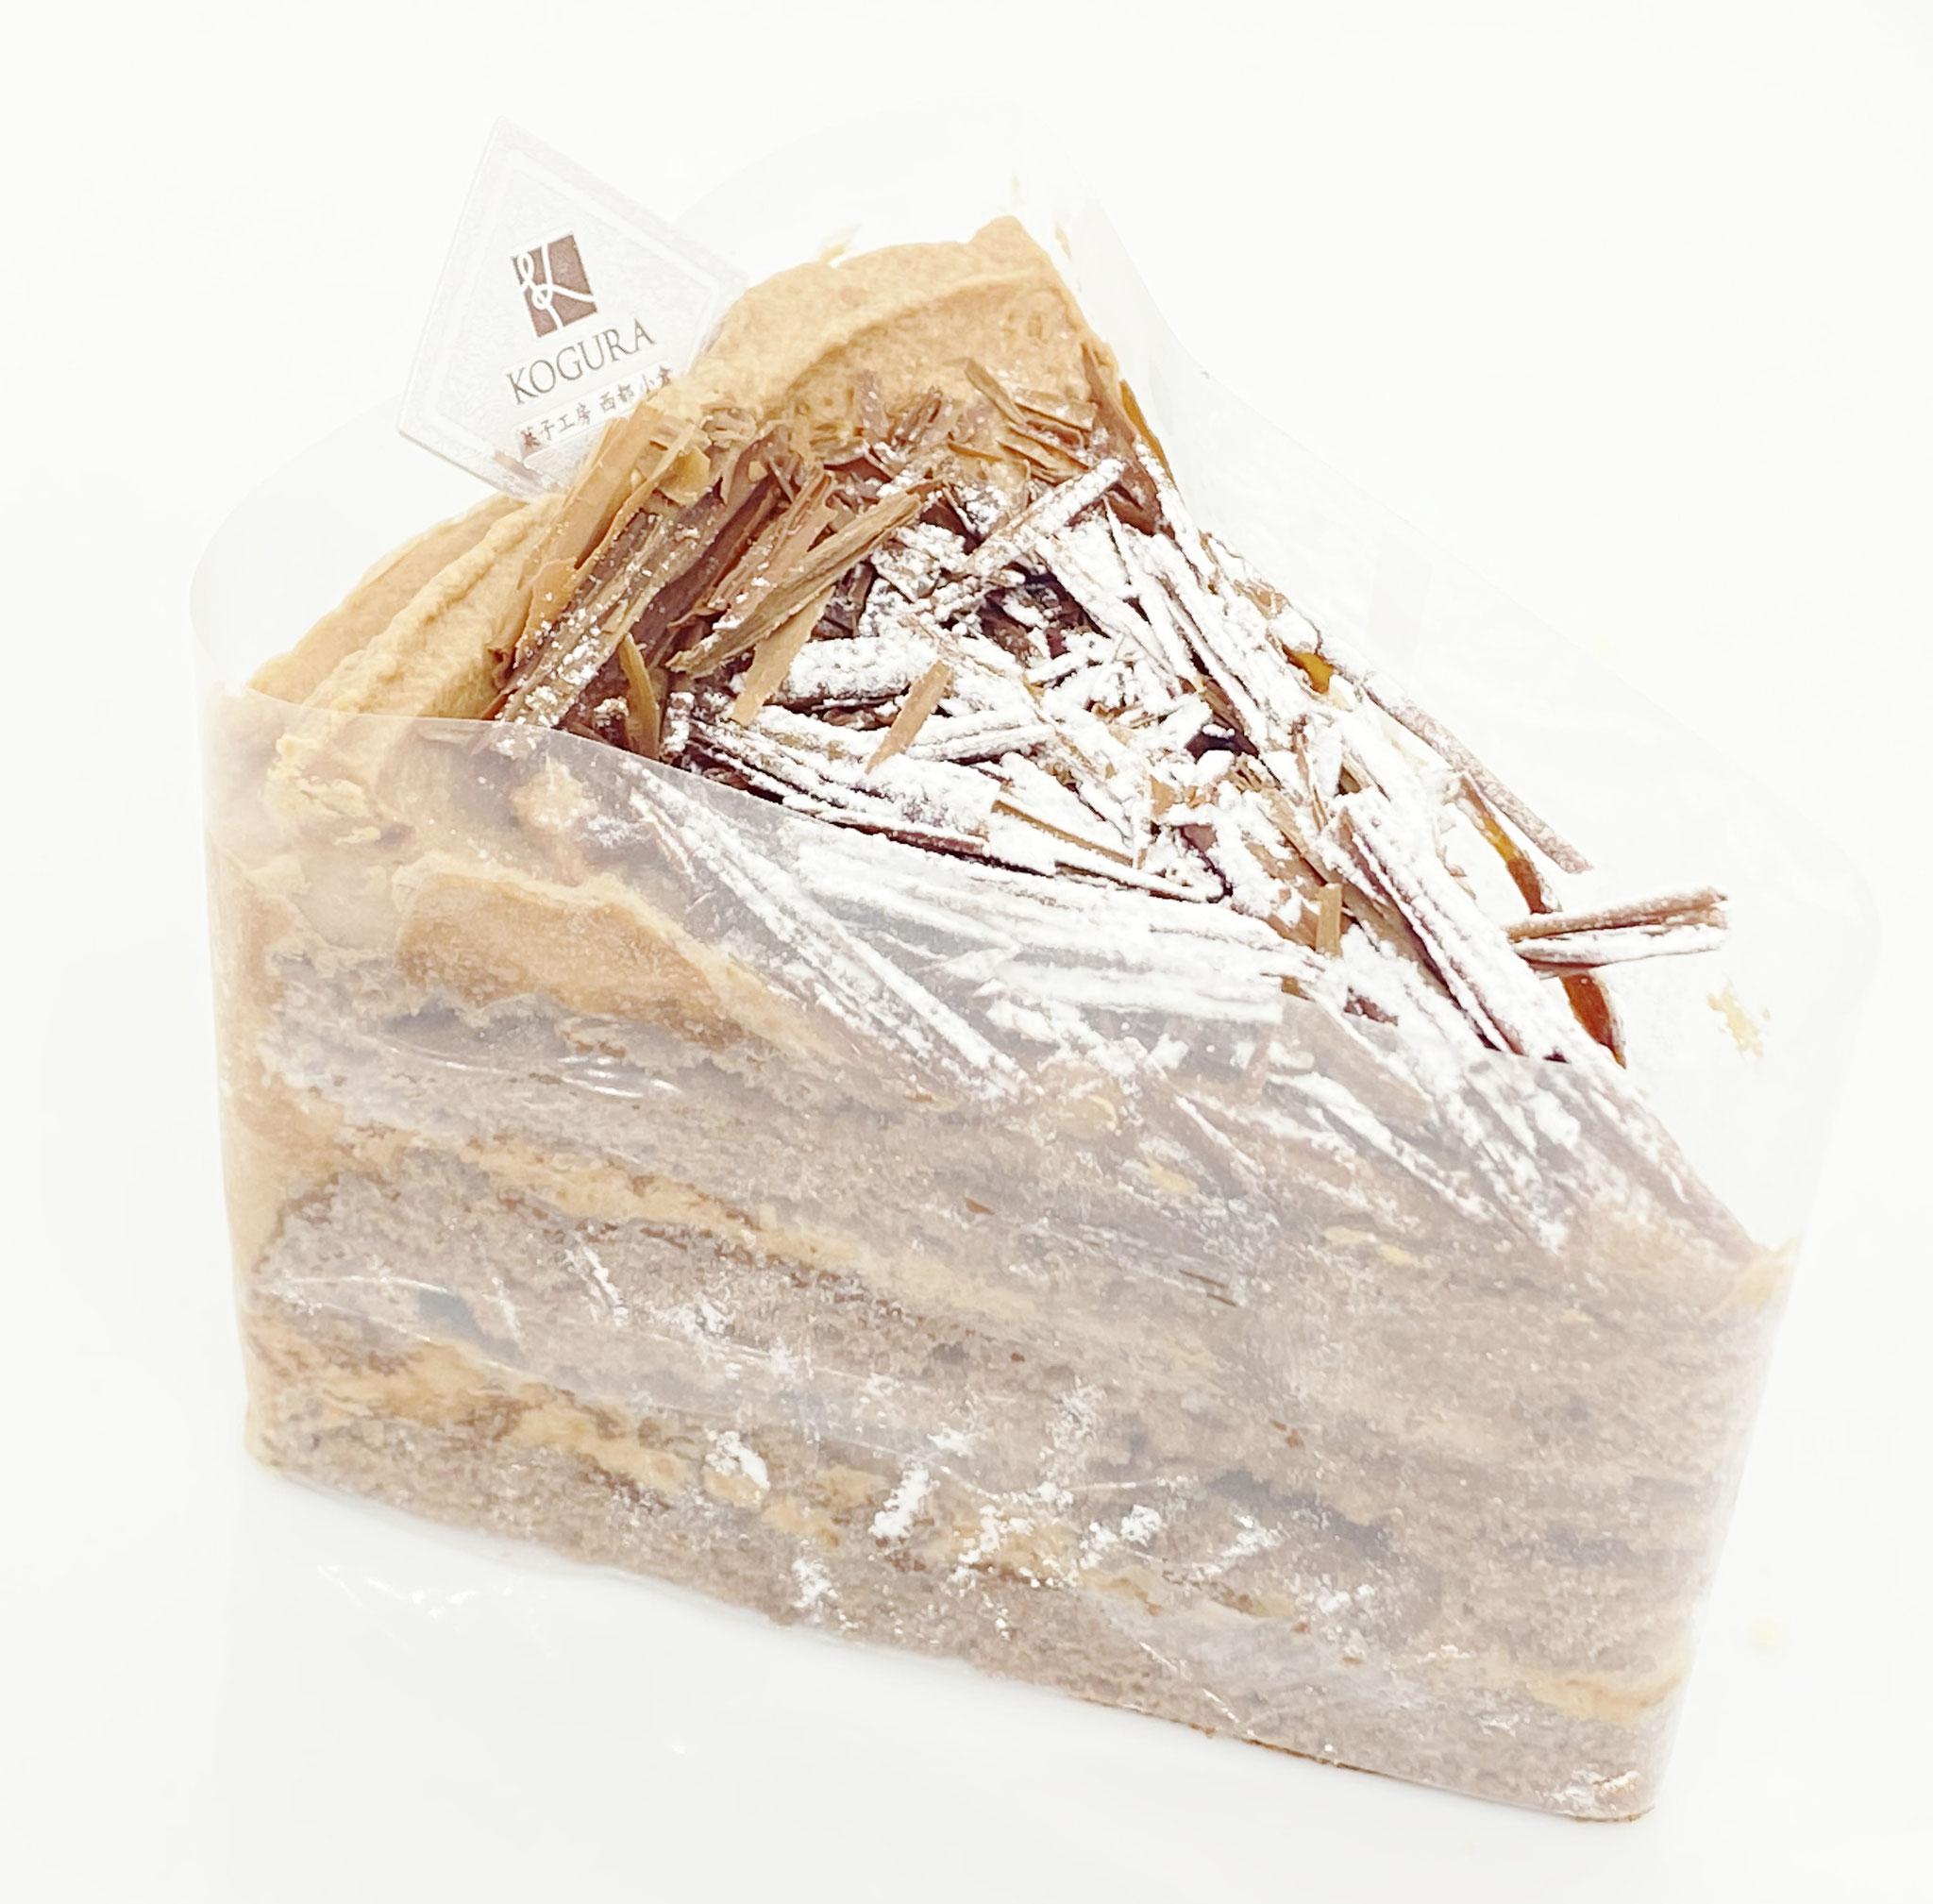 チョコレートケーキ 453円